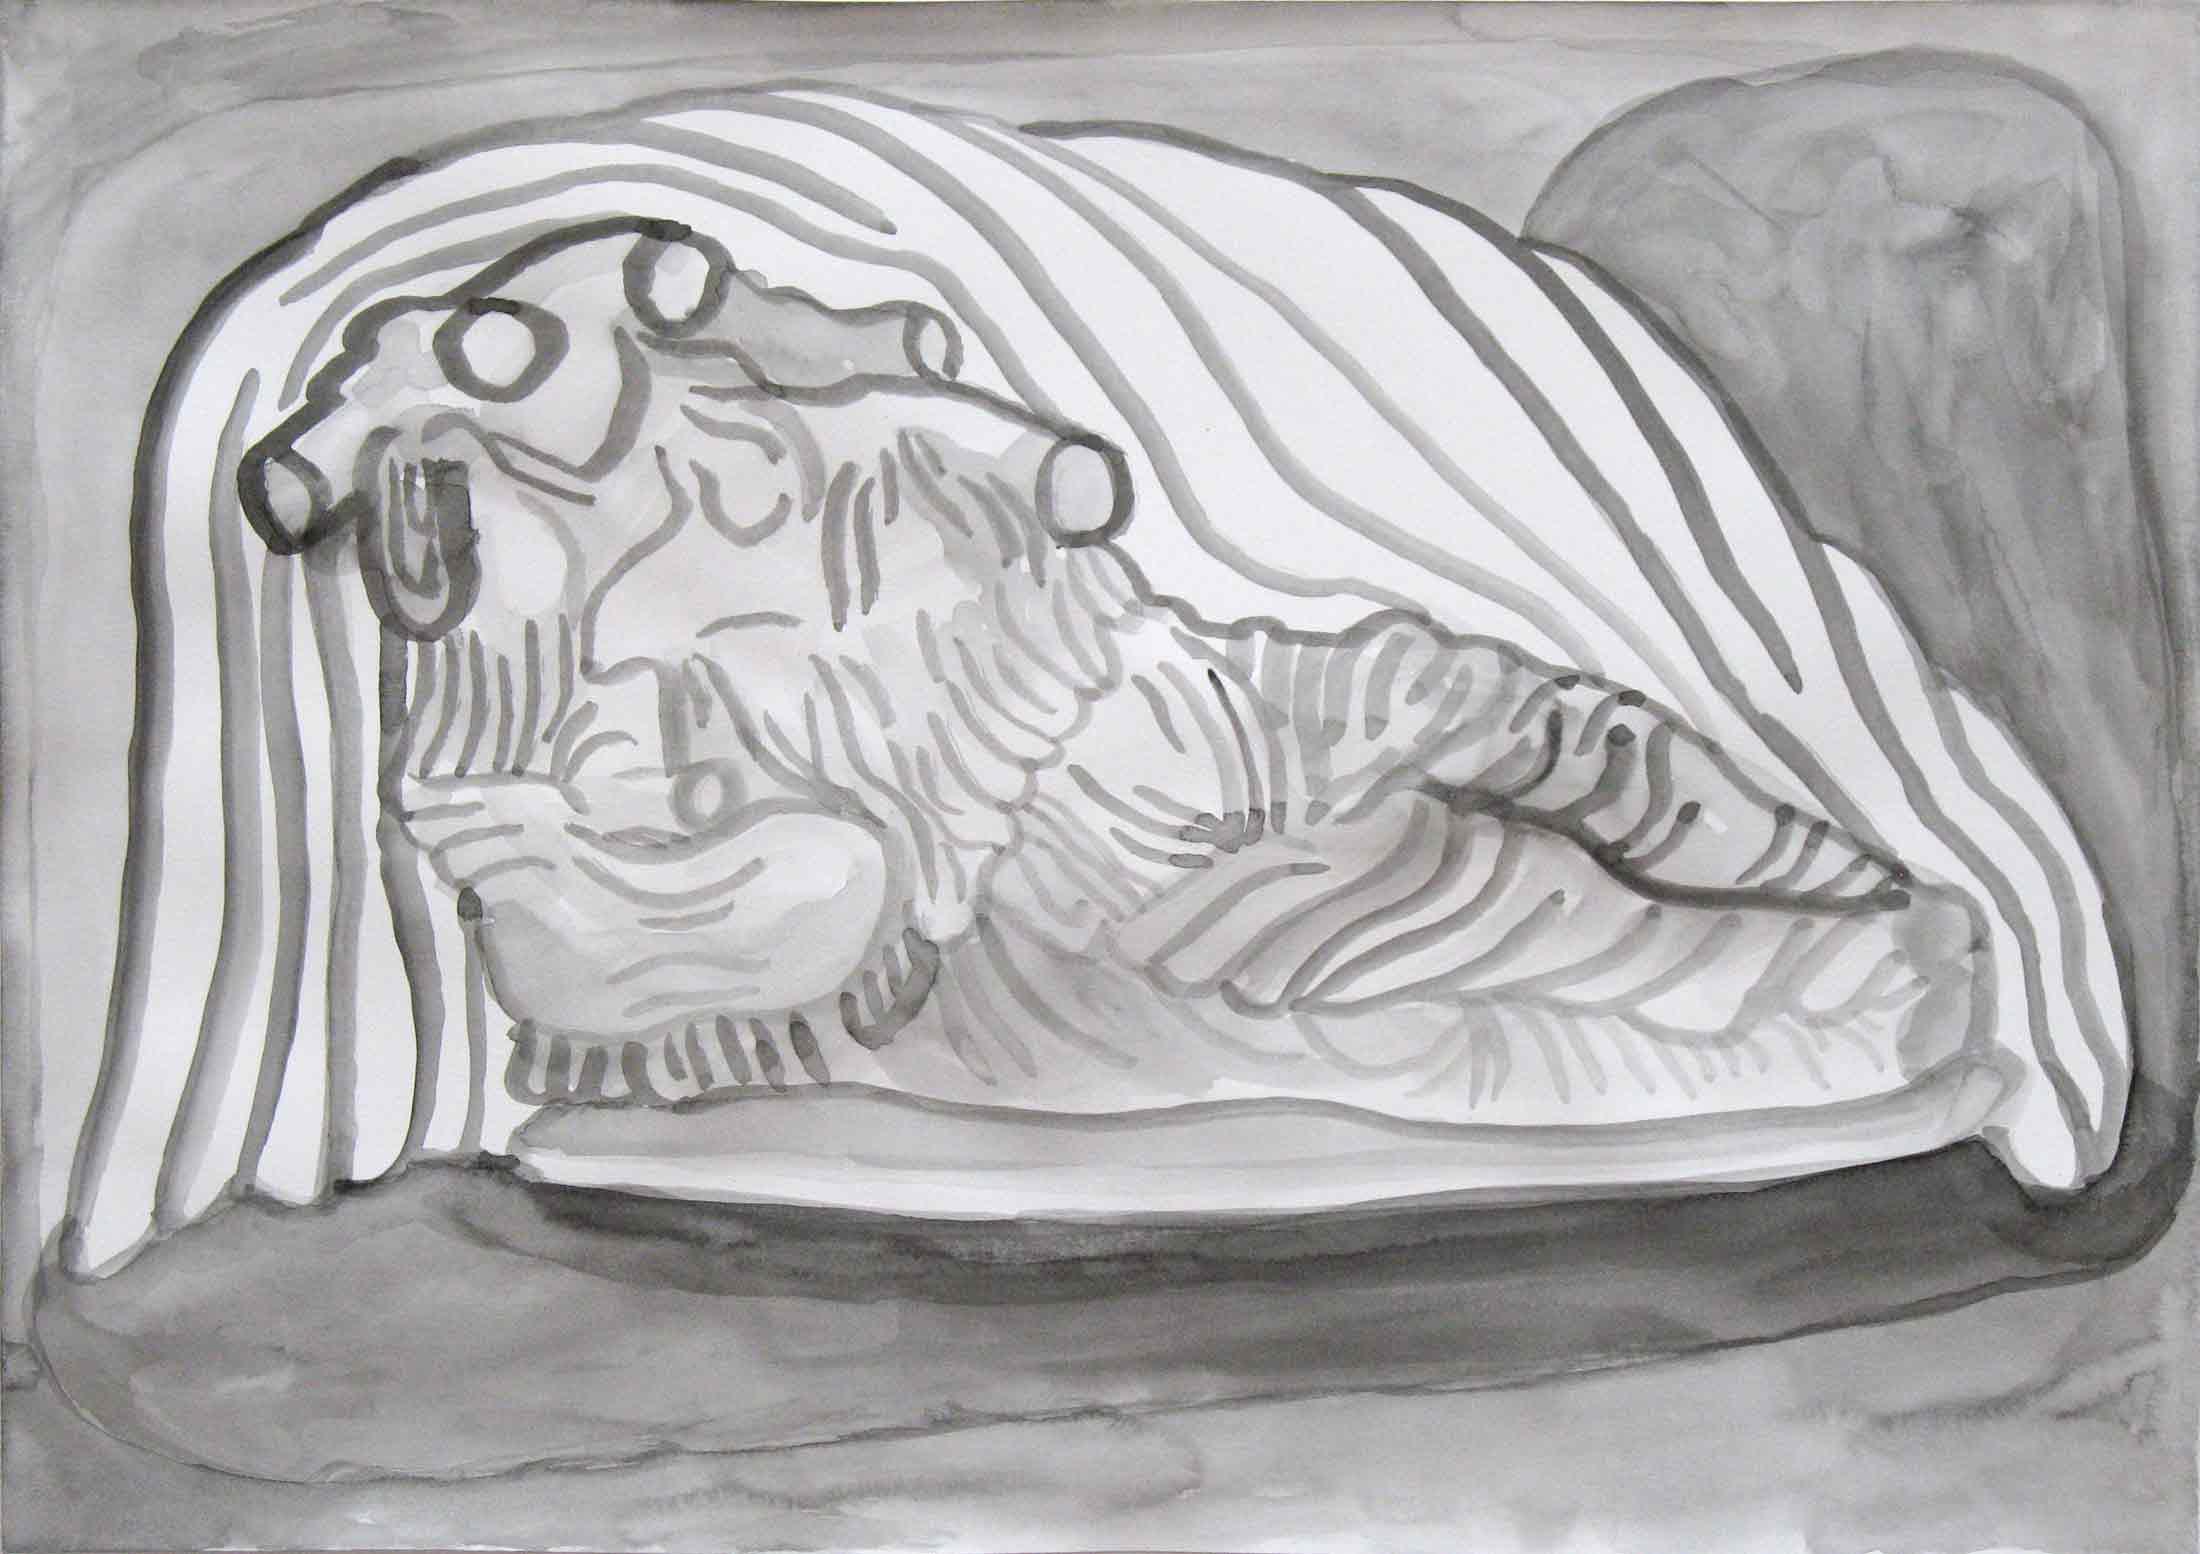 Oudheden (Antiquities)  gouache 29 x 42 cm, 2014